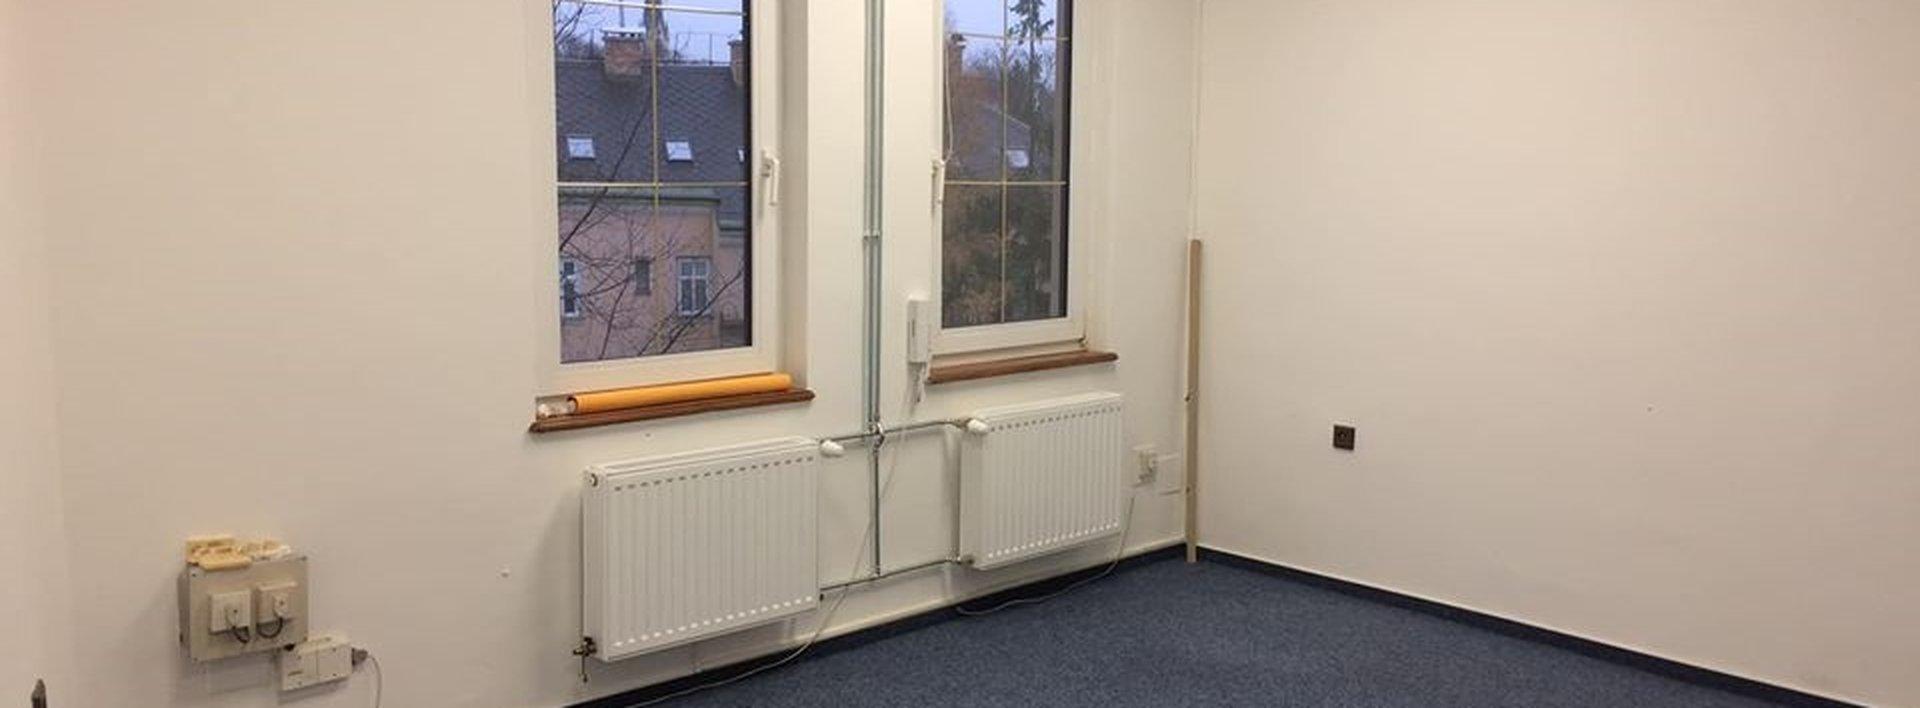 Pronájem kanceláře, 23 m2, ul. Zeyerova - Liberec - Staré Město, Ev.č.: N48898